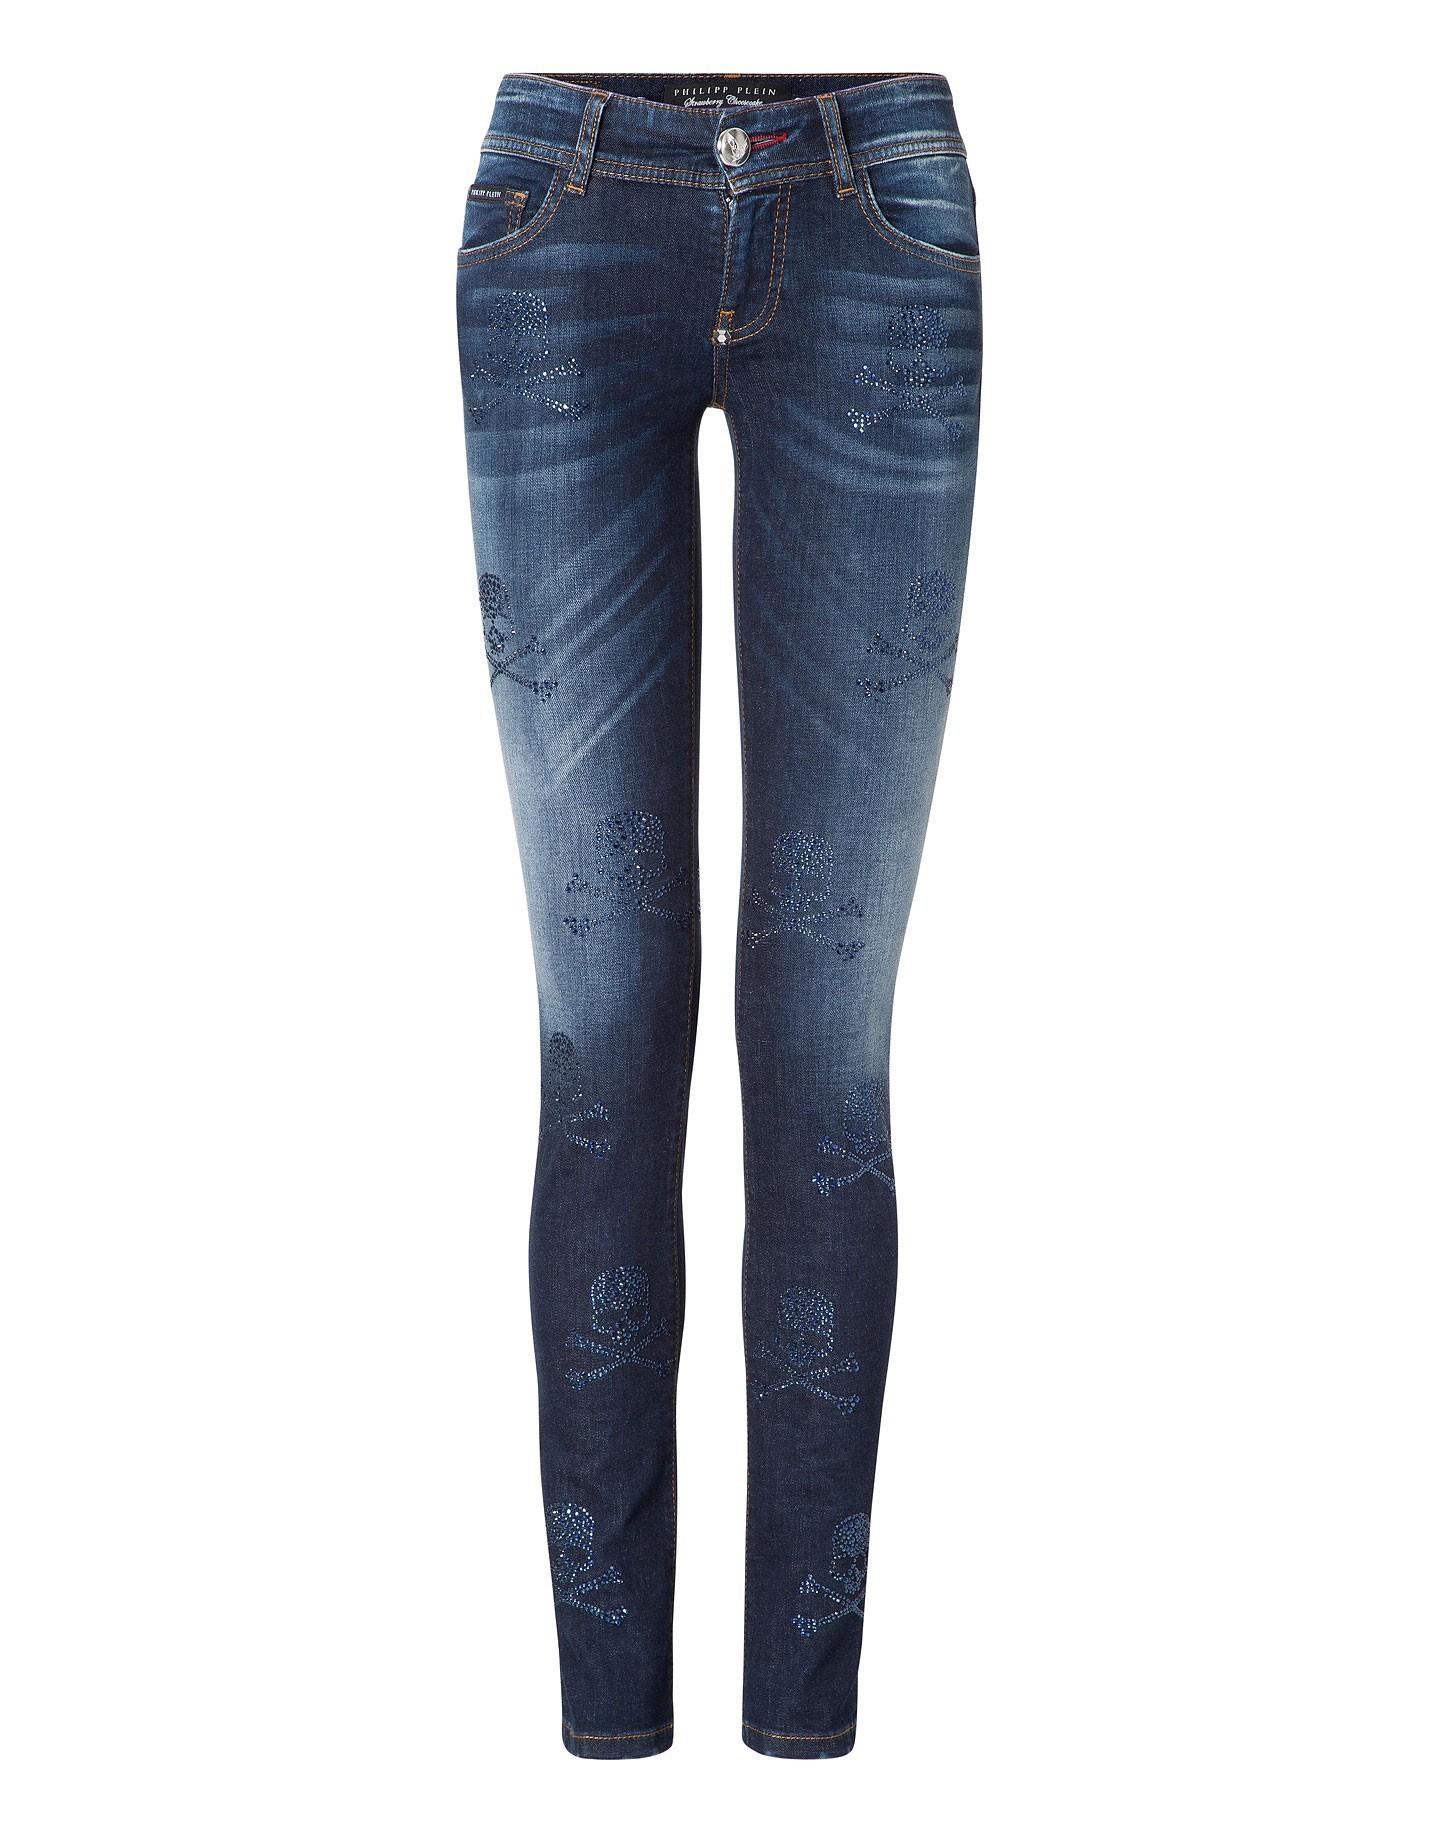 """Philipp plein jeans """"danceflor"""" cw580639"""